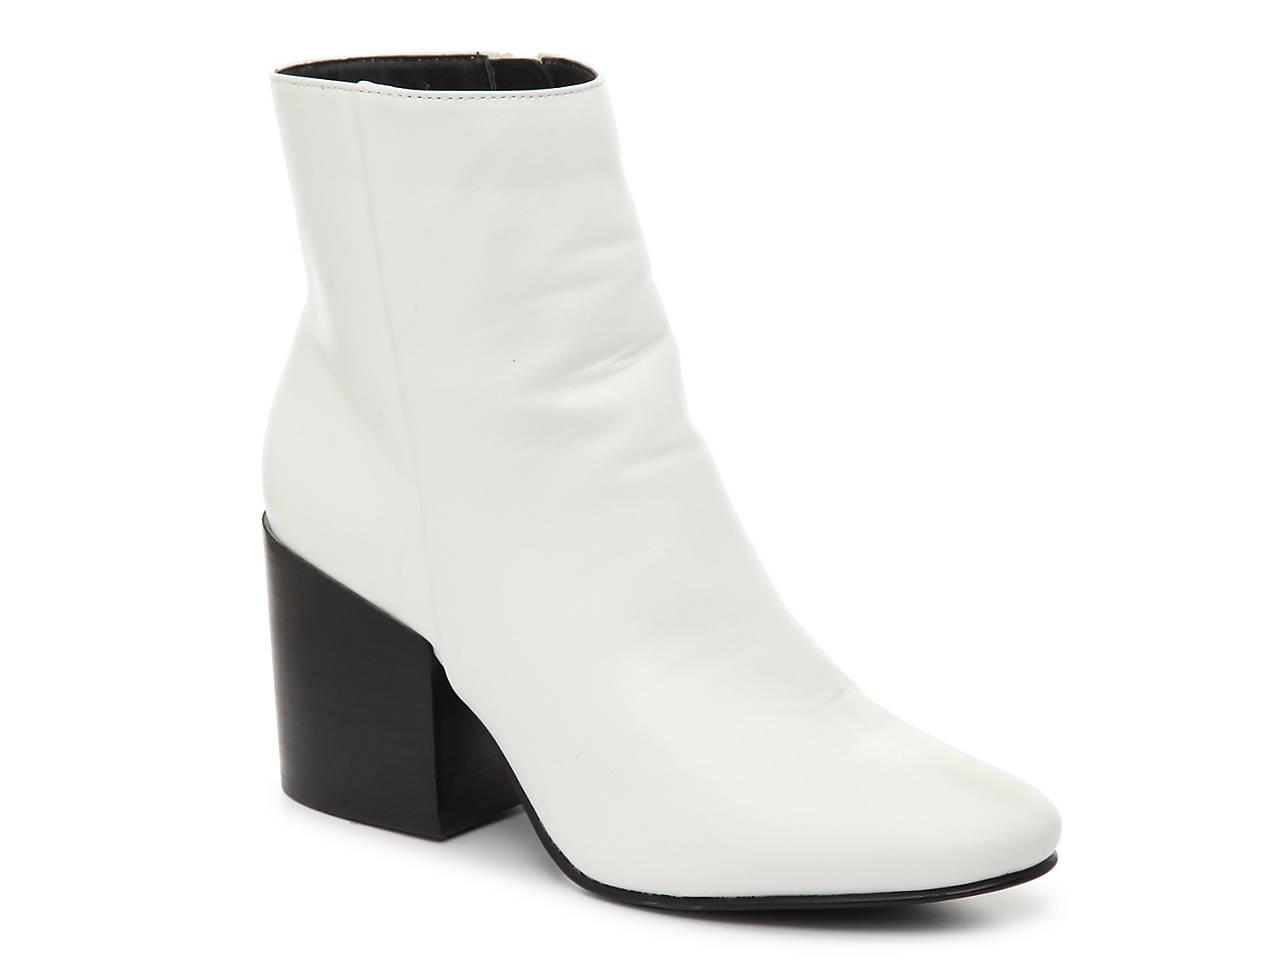 780eeeddadad Madden Girl Aaden Bootie Women s Shoes